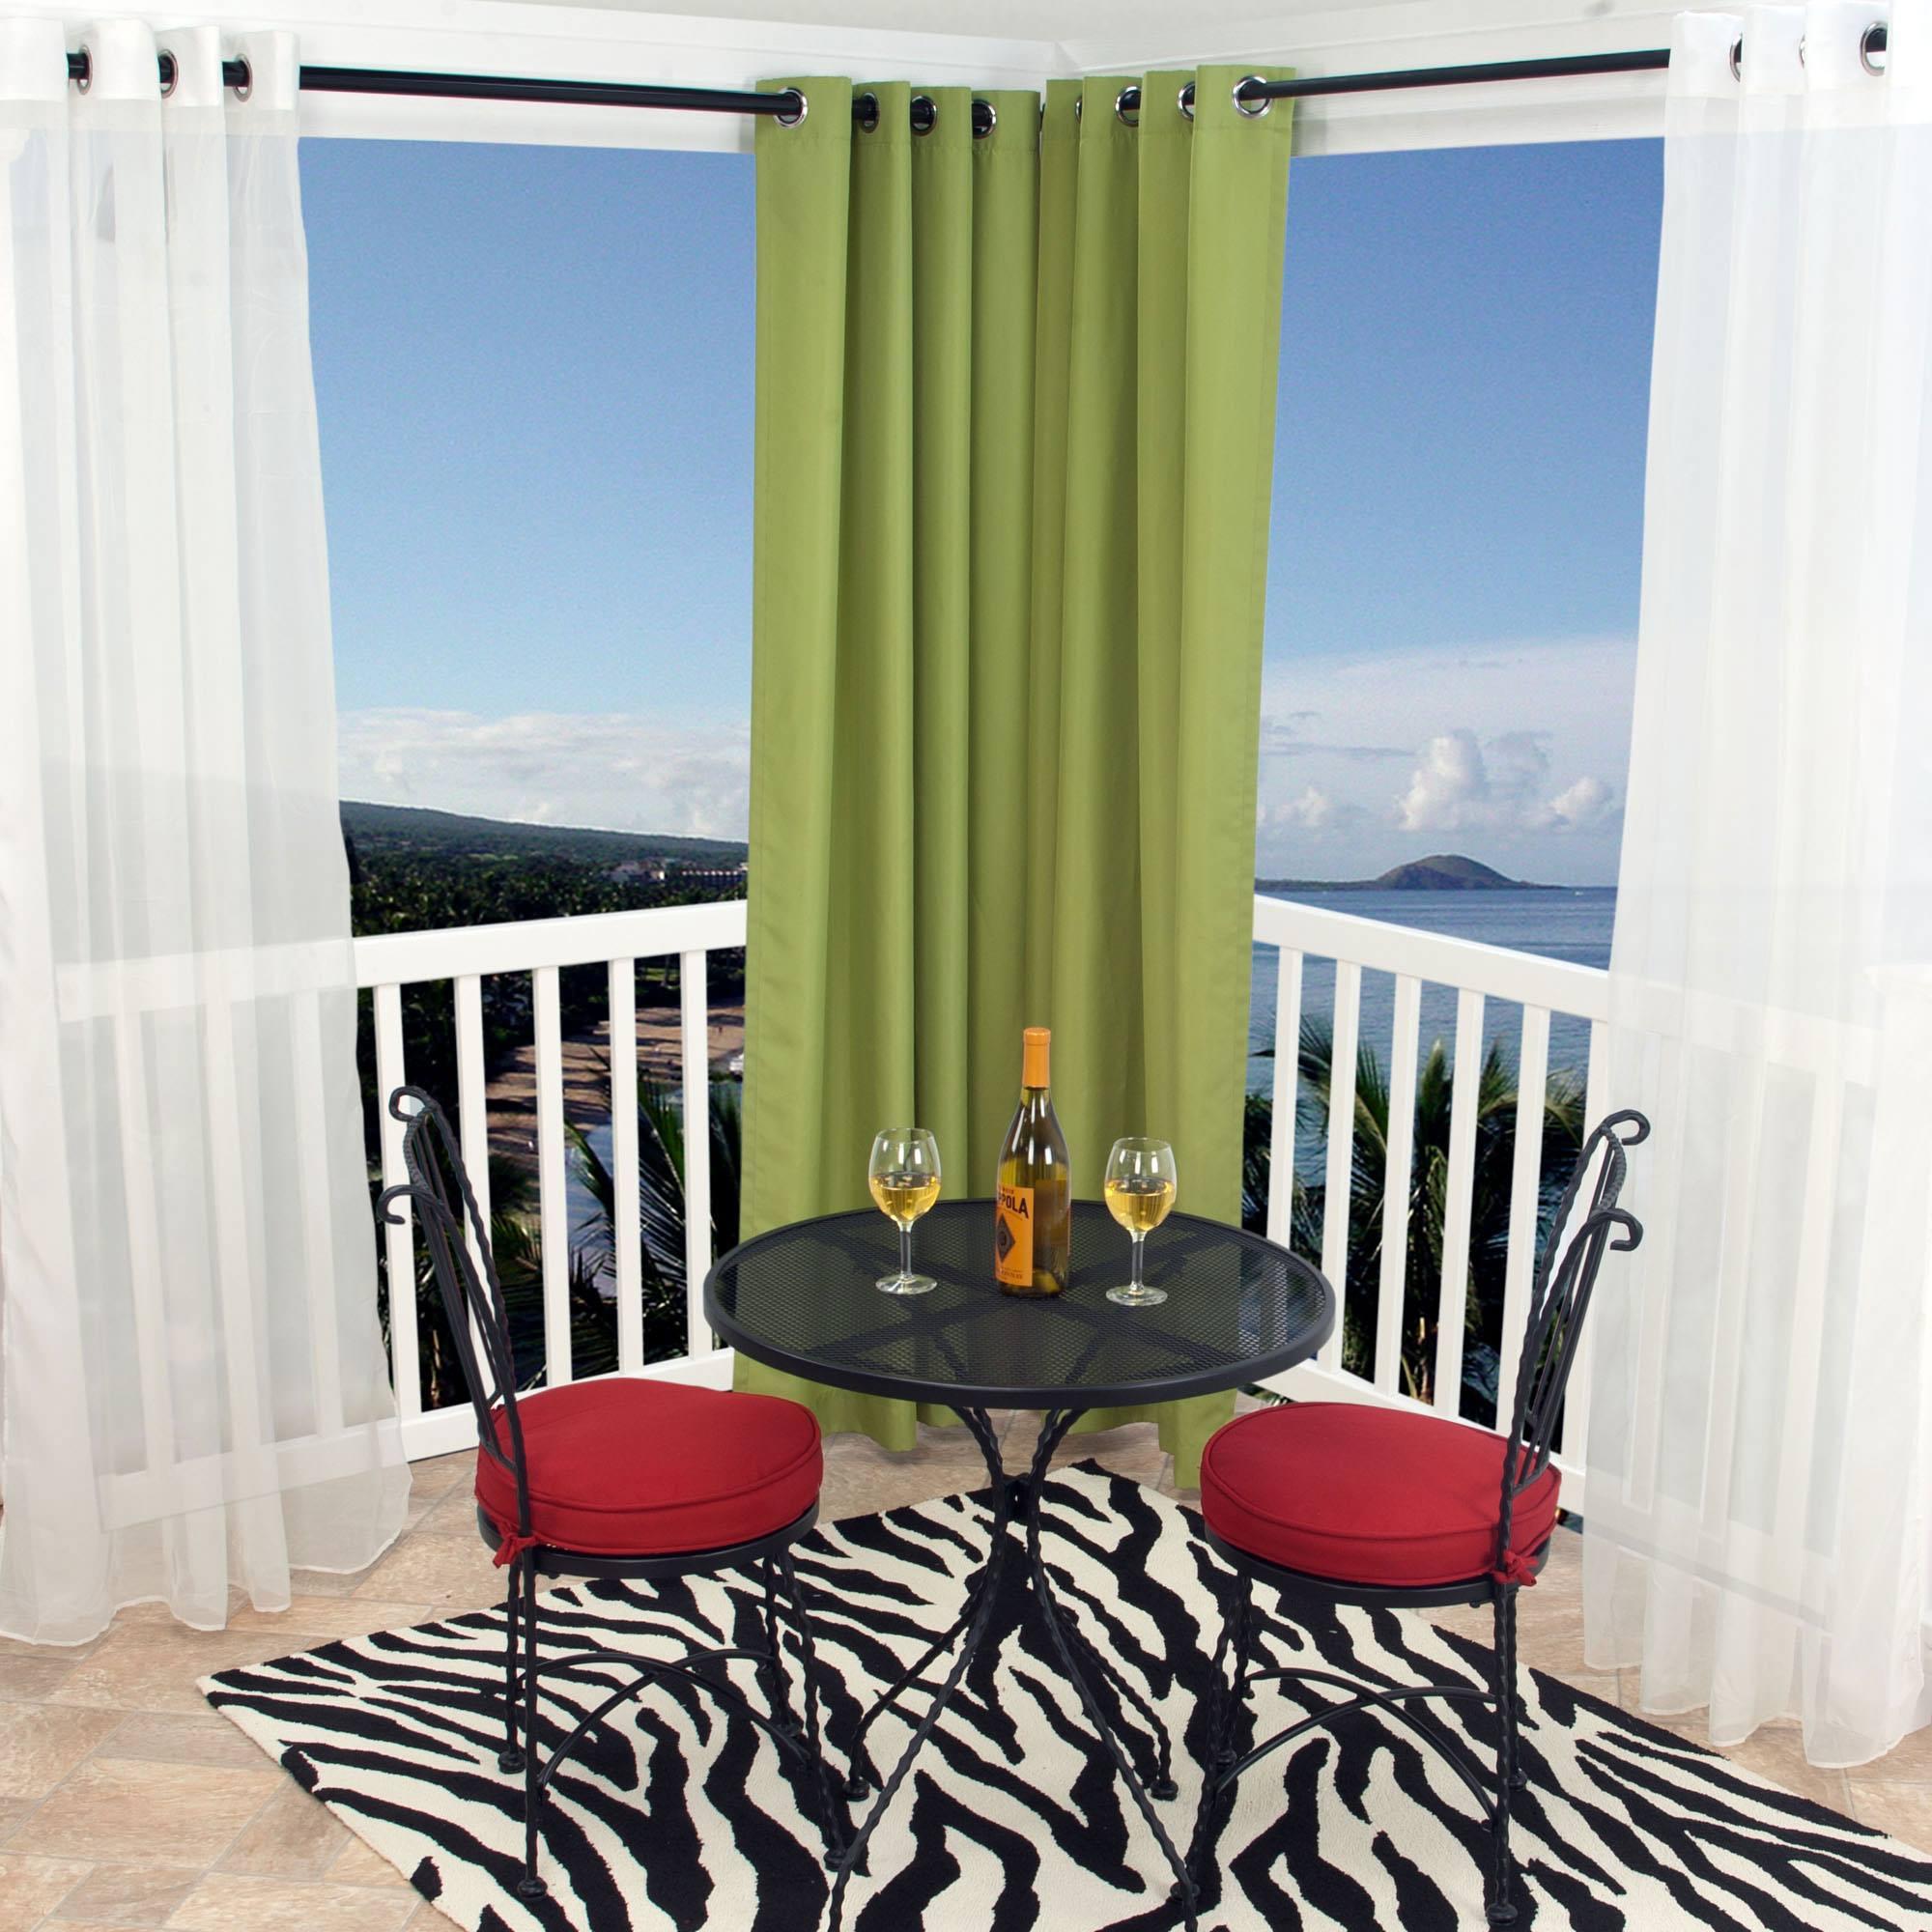 mobilya-zebra-desen-masa-alan-kilim-ve-dış-perde-çubuk-ile-grommet-yeşil-harika-dış-perde-çubuk-stillerinize uygun